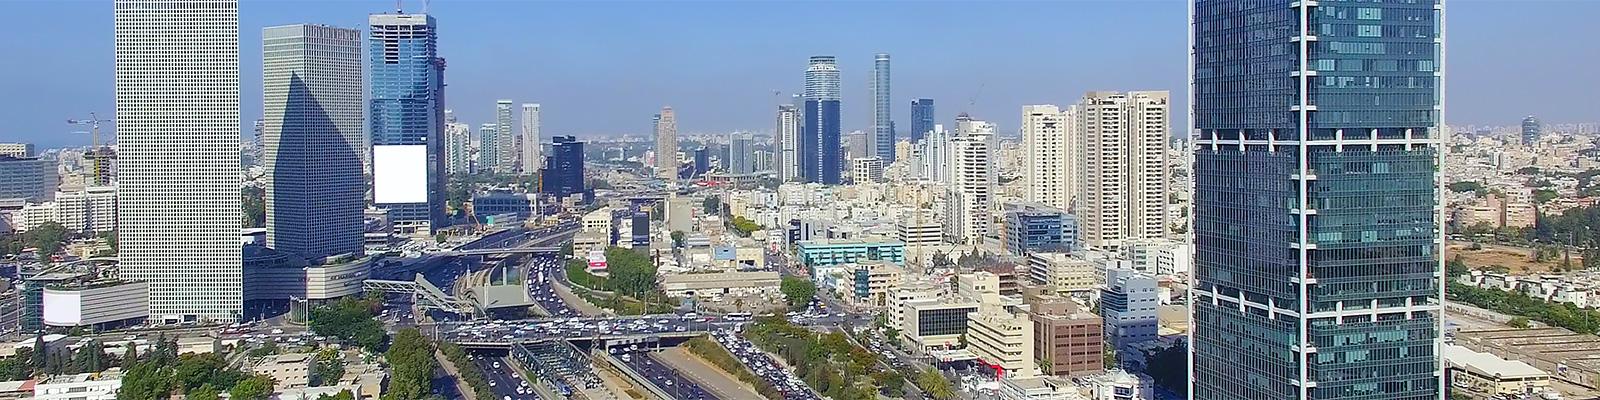 イスラエル ビルディング イメージ